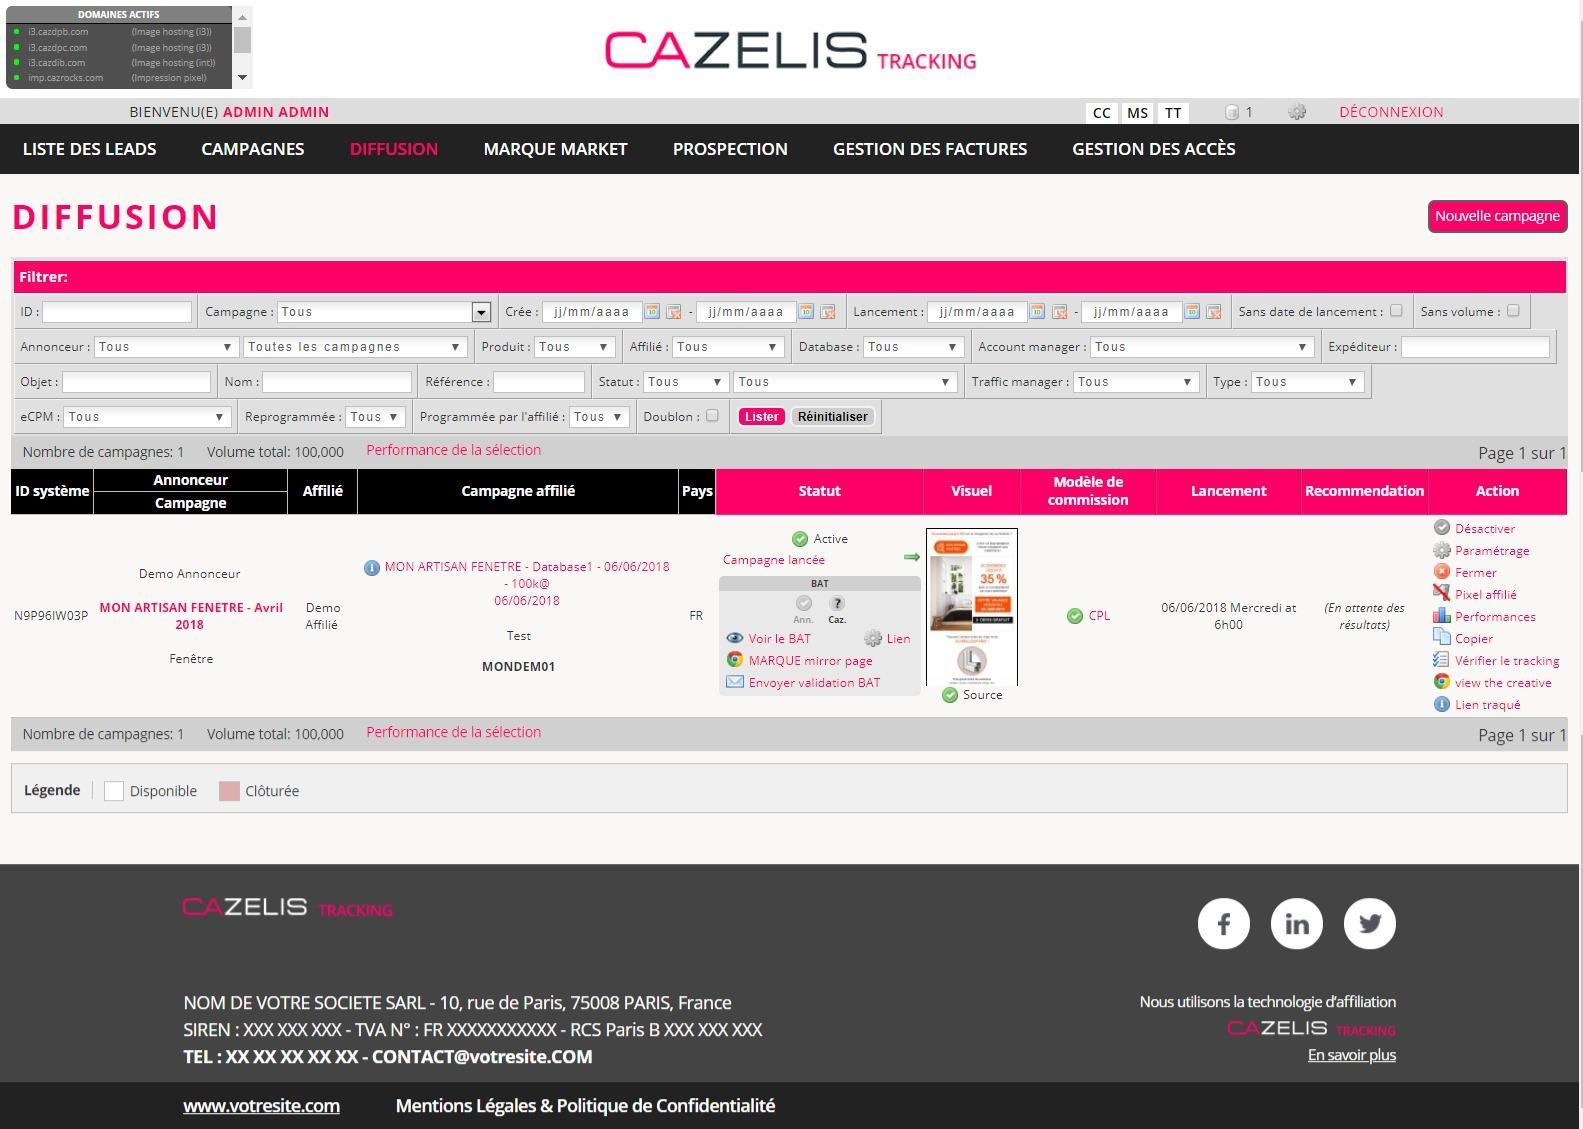 Avis CAZELIS Tracking : Votre Plateforme d'affiliation en marque blanche - appvizer